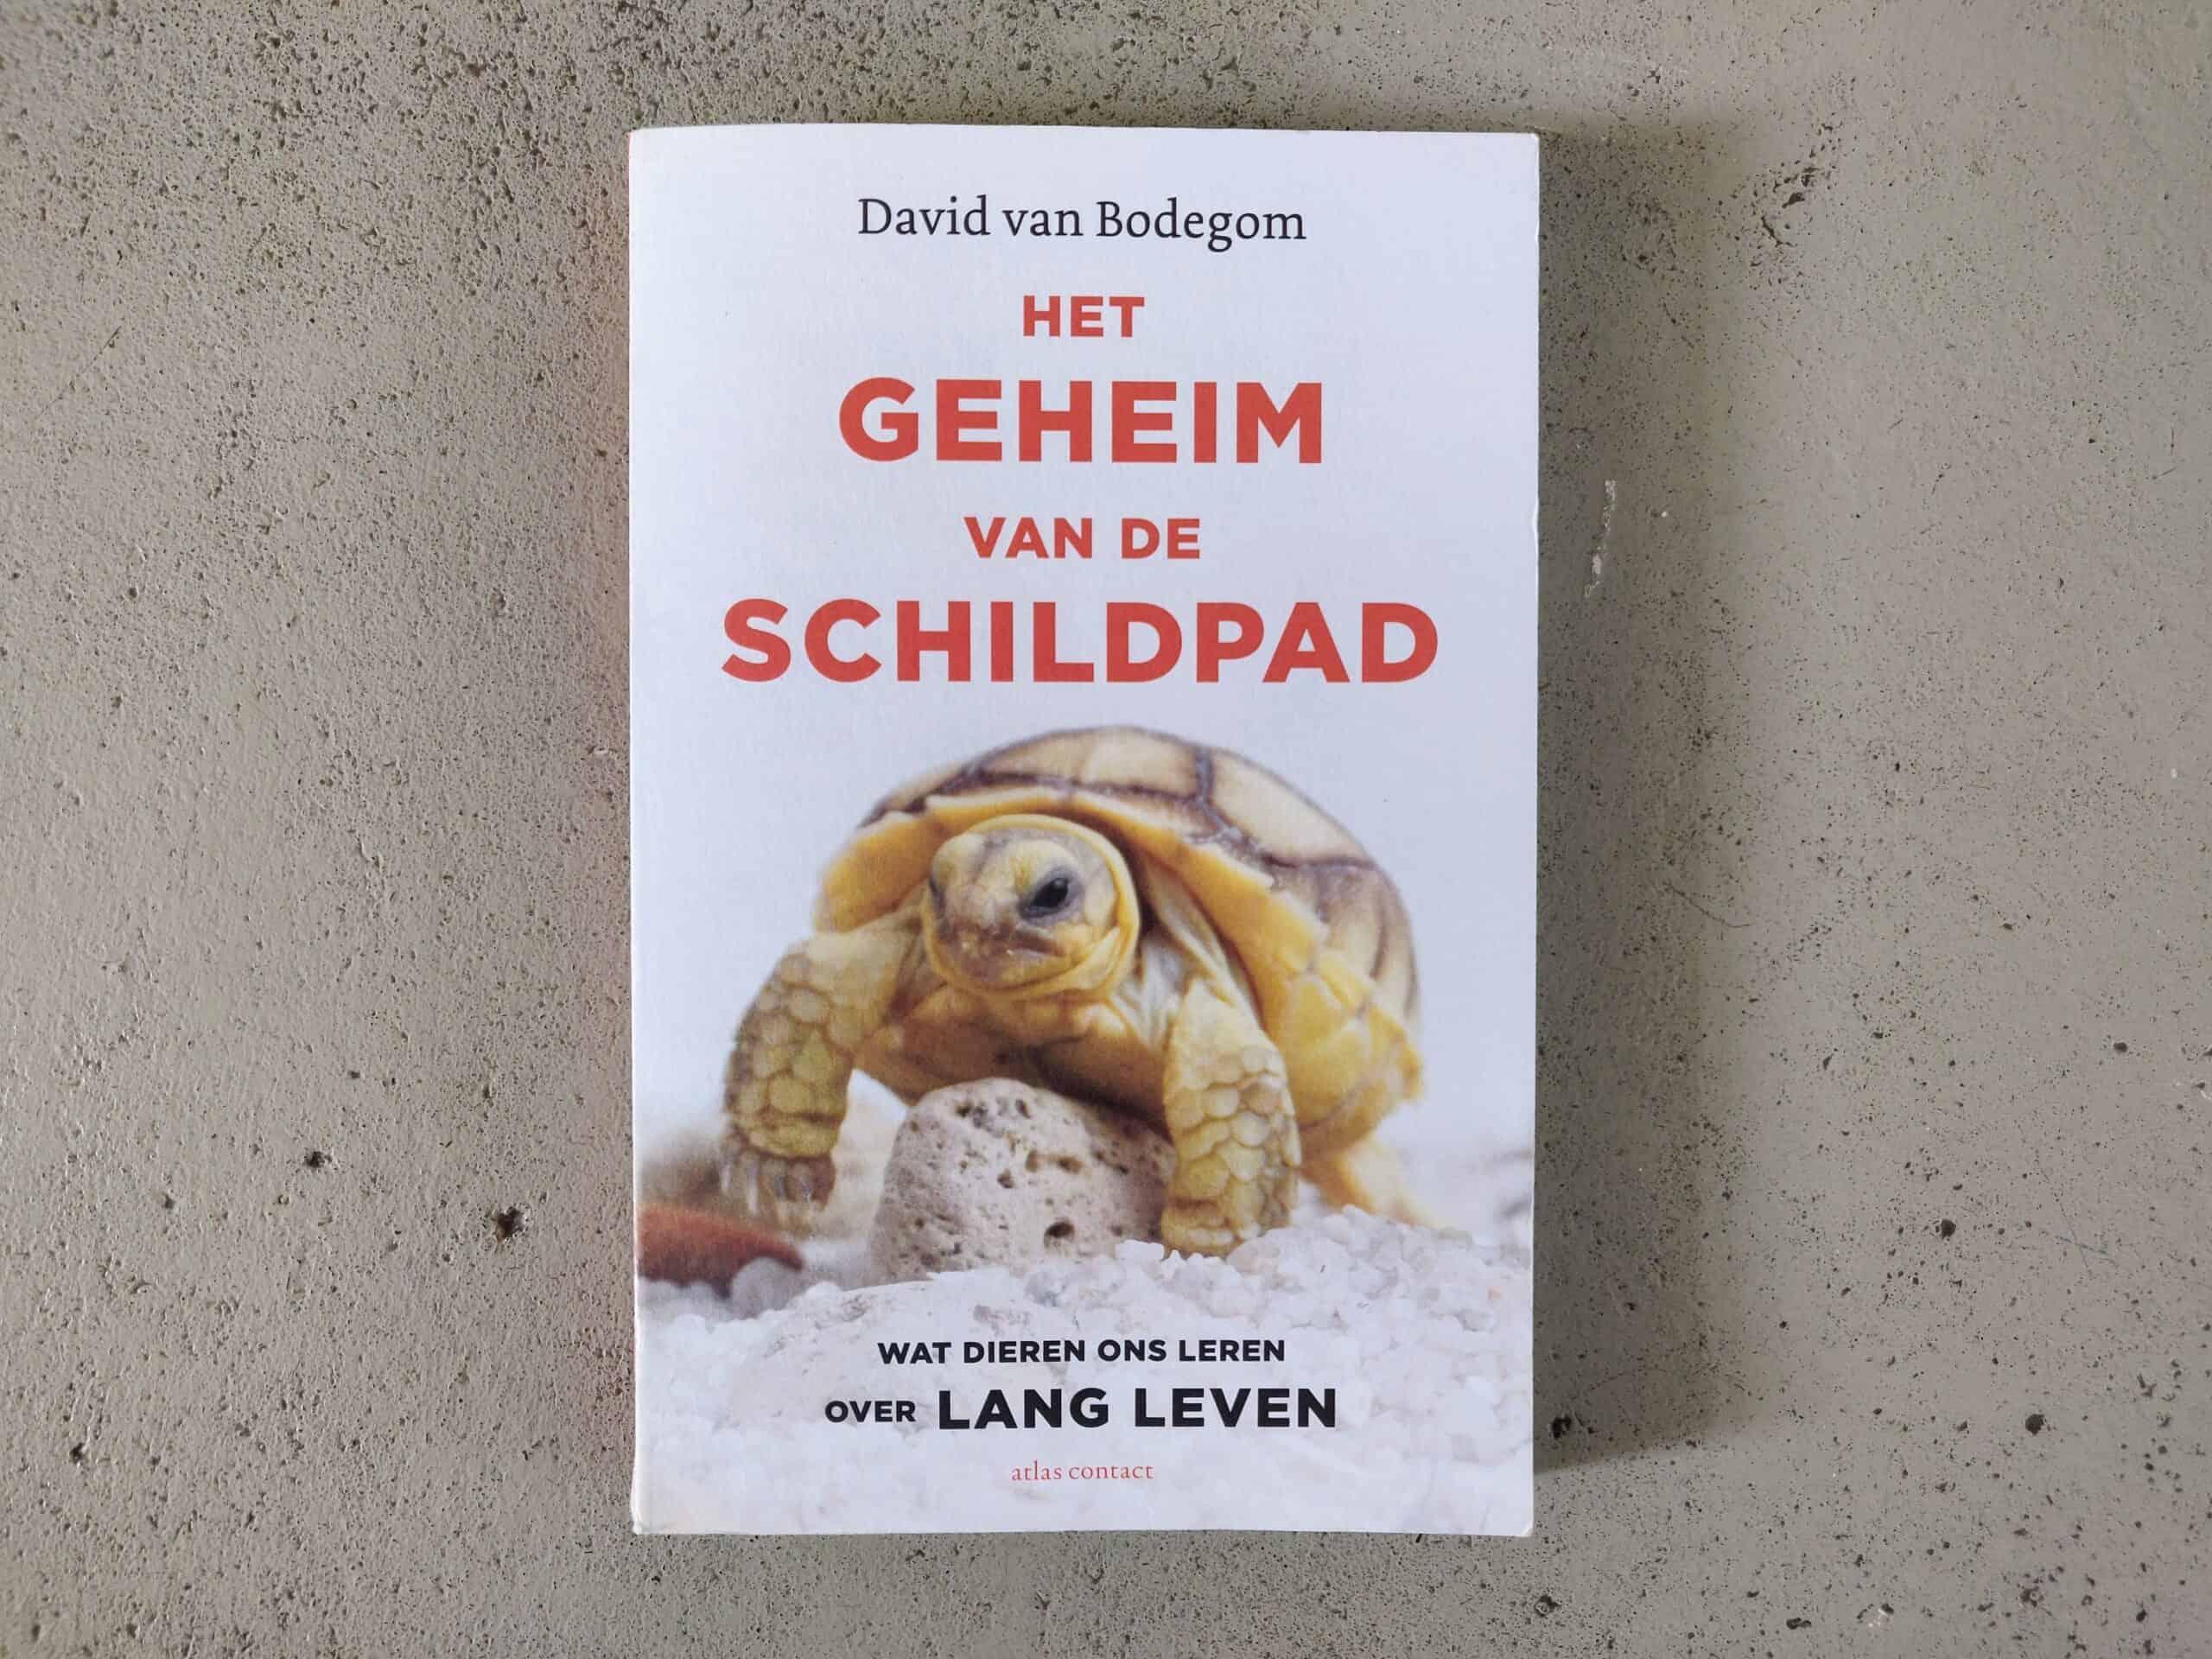 David van Bodegom - Het geheim van de schildpad